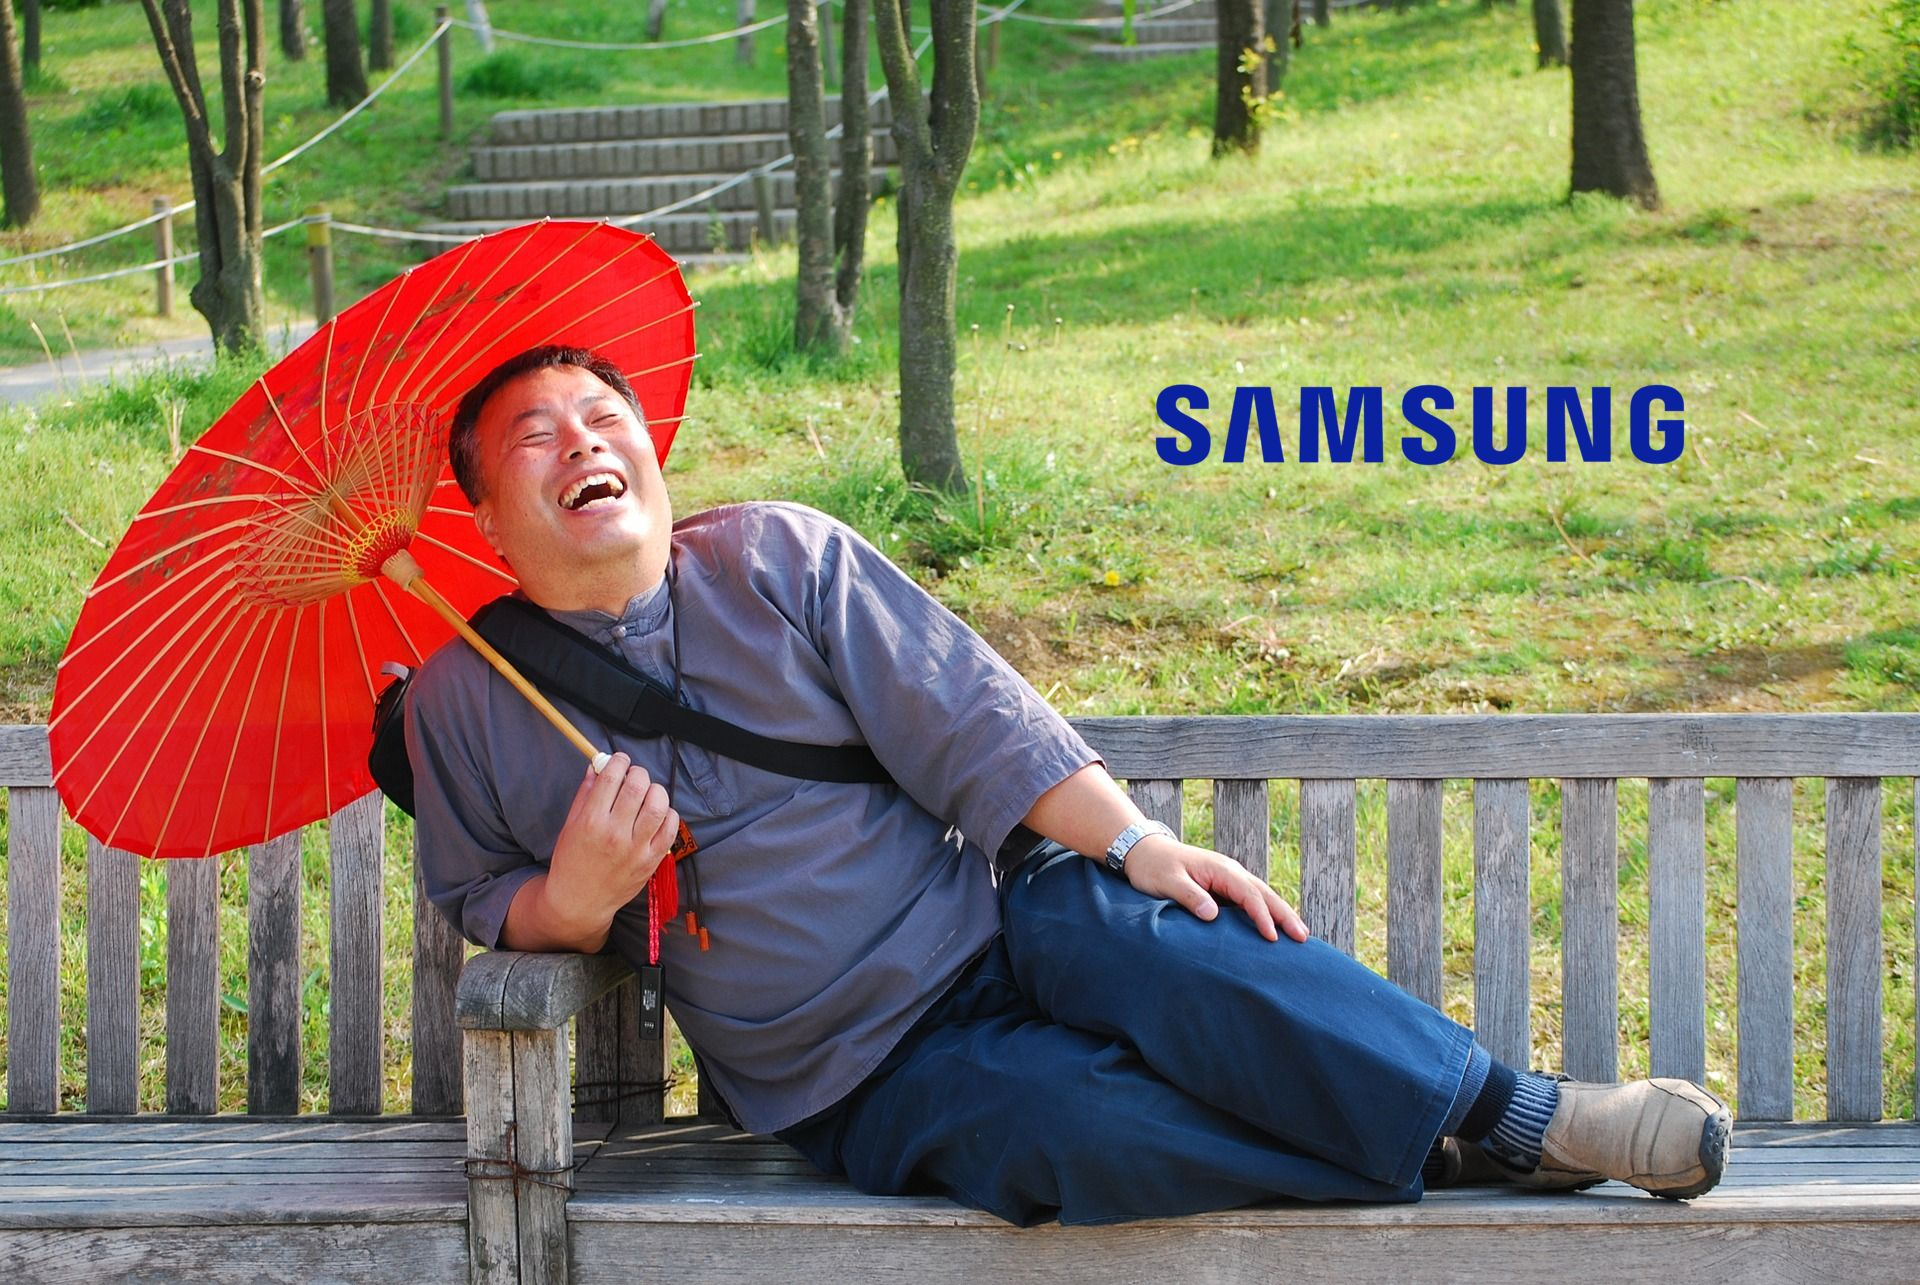 laughing śmiech mężczyzna Samsung logo